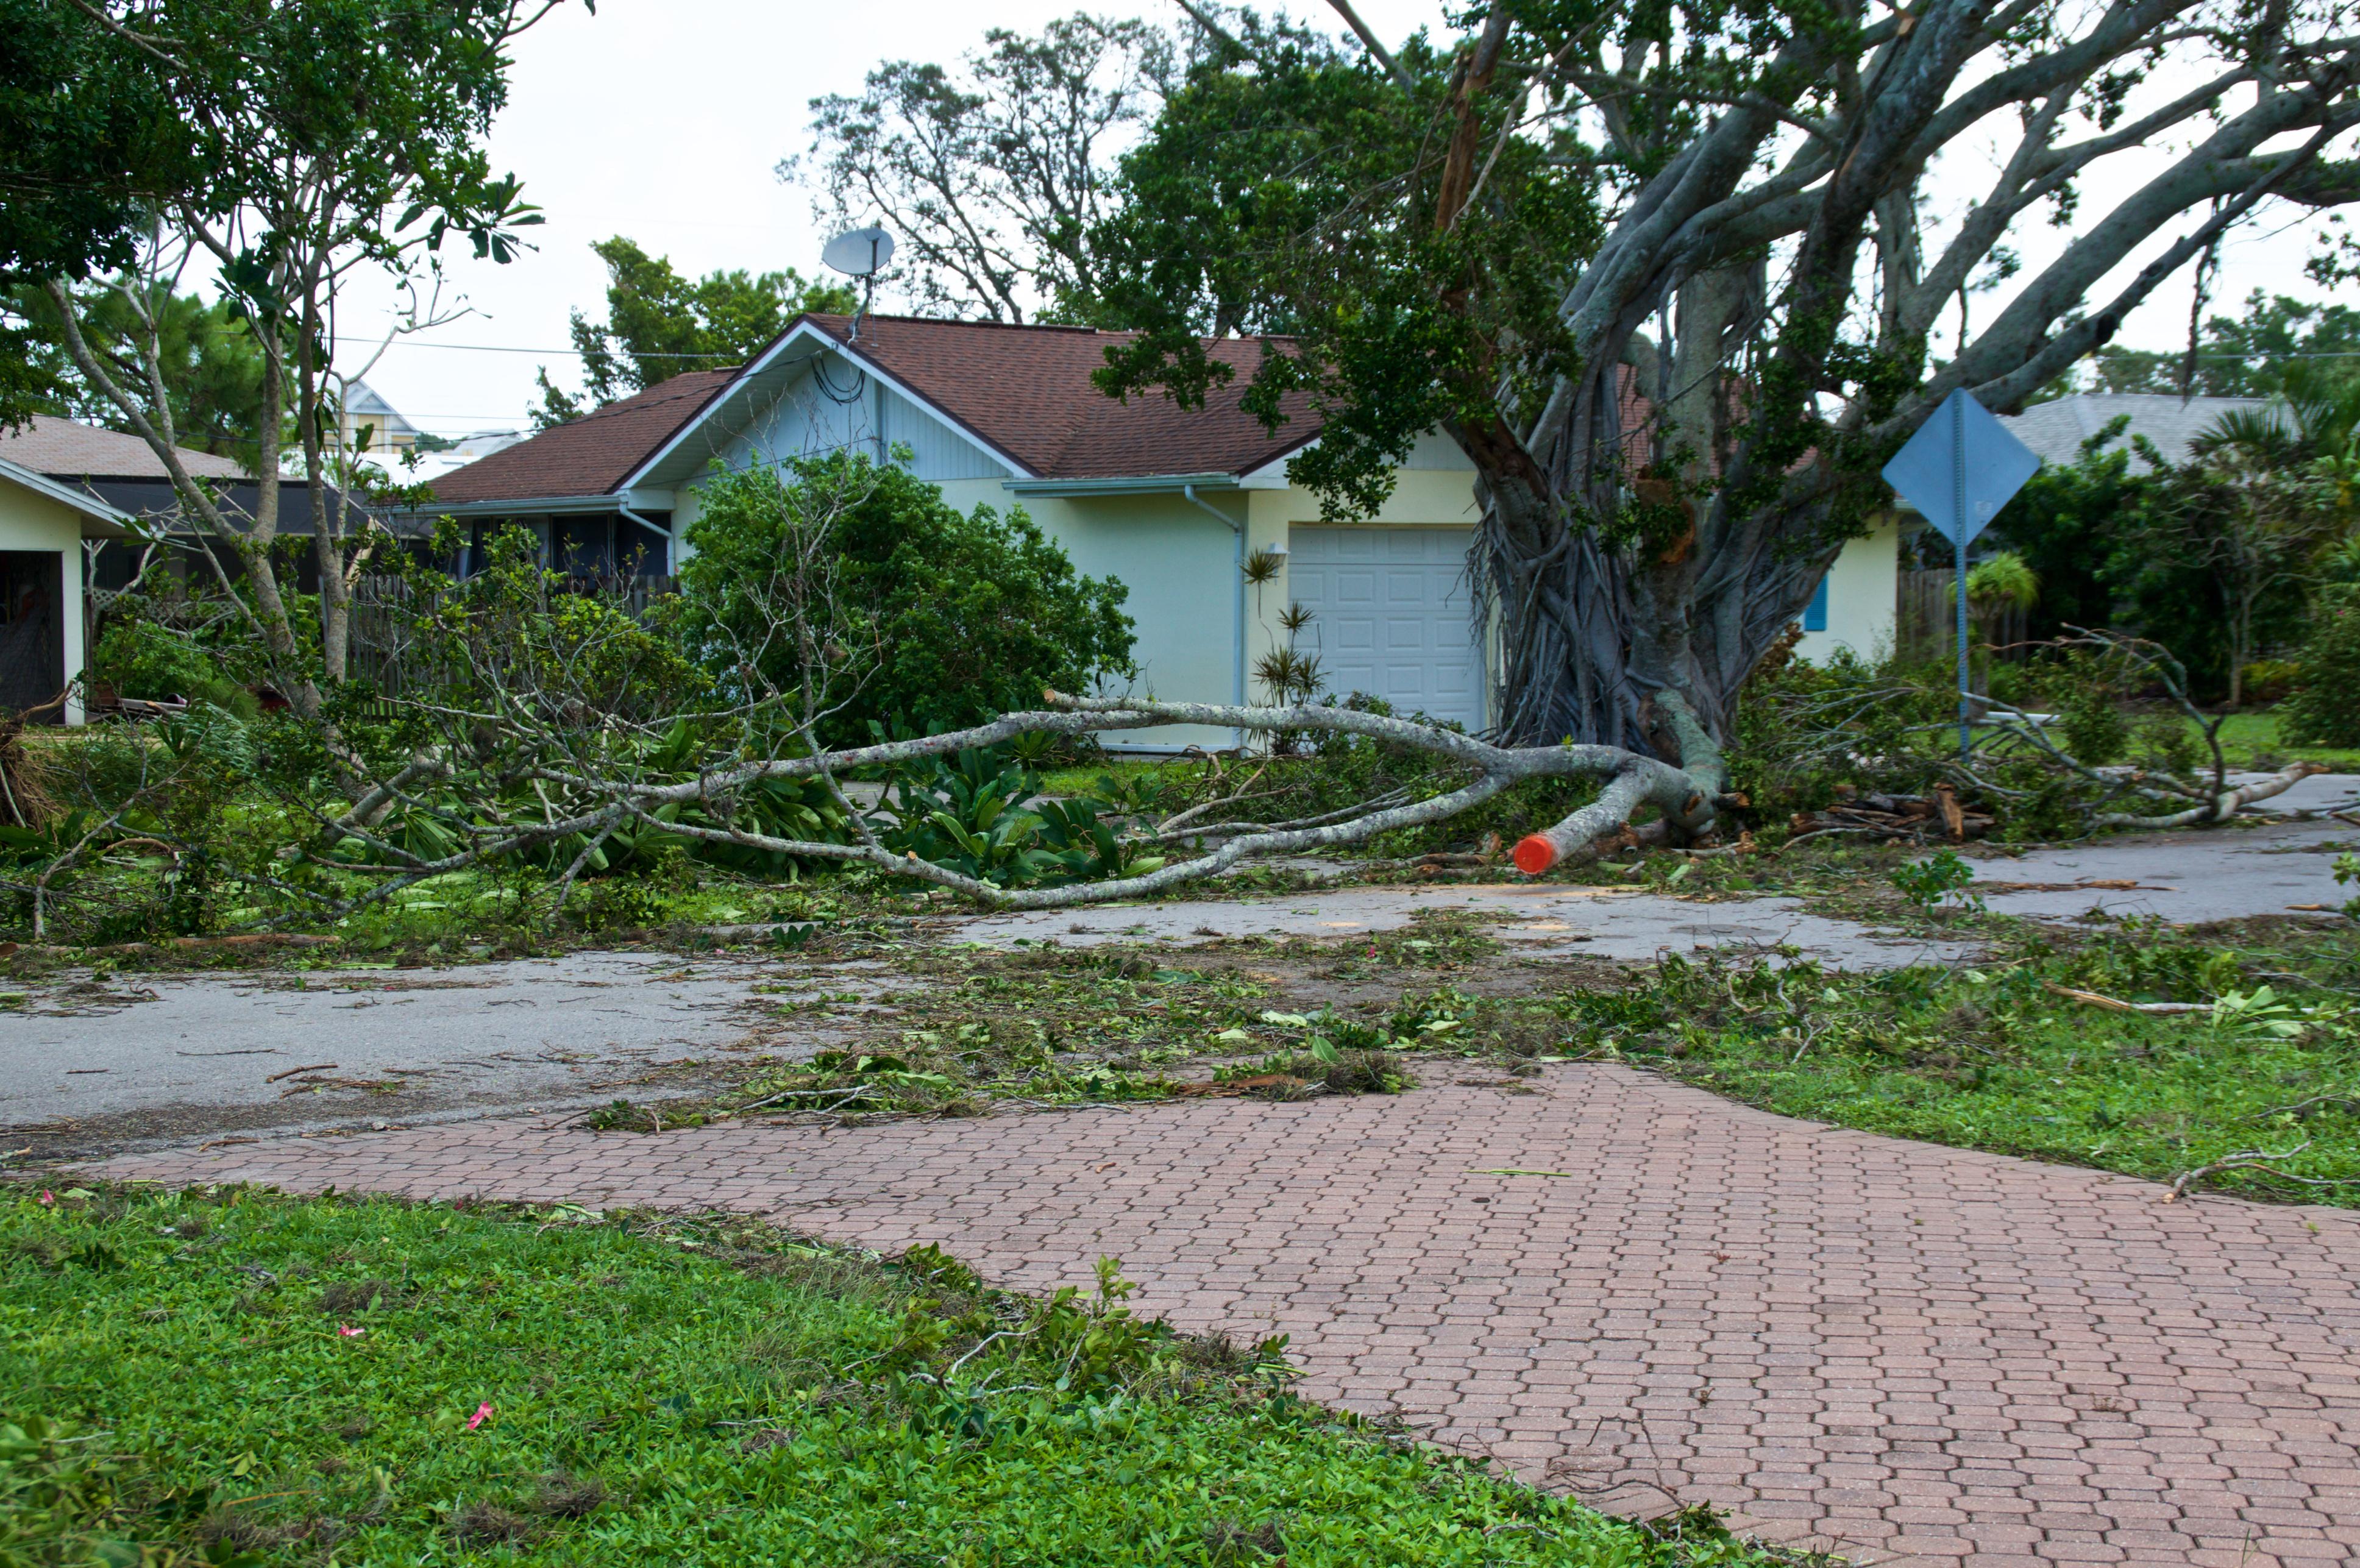 ¿Cuándo debe usted conseguir un abogado para que se involucre en su reclamación por daños a la propiedad?